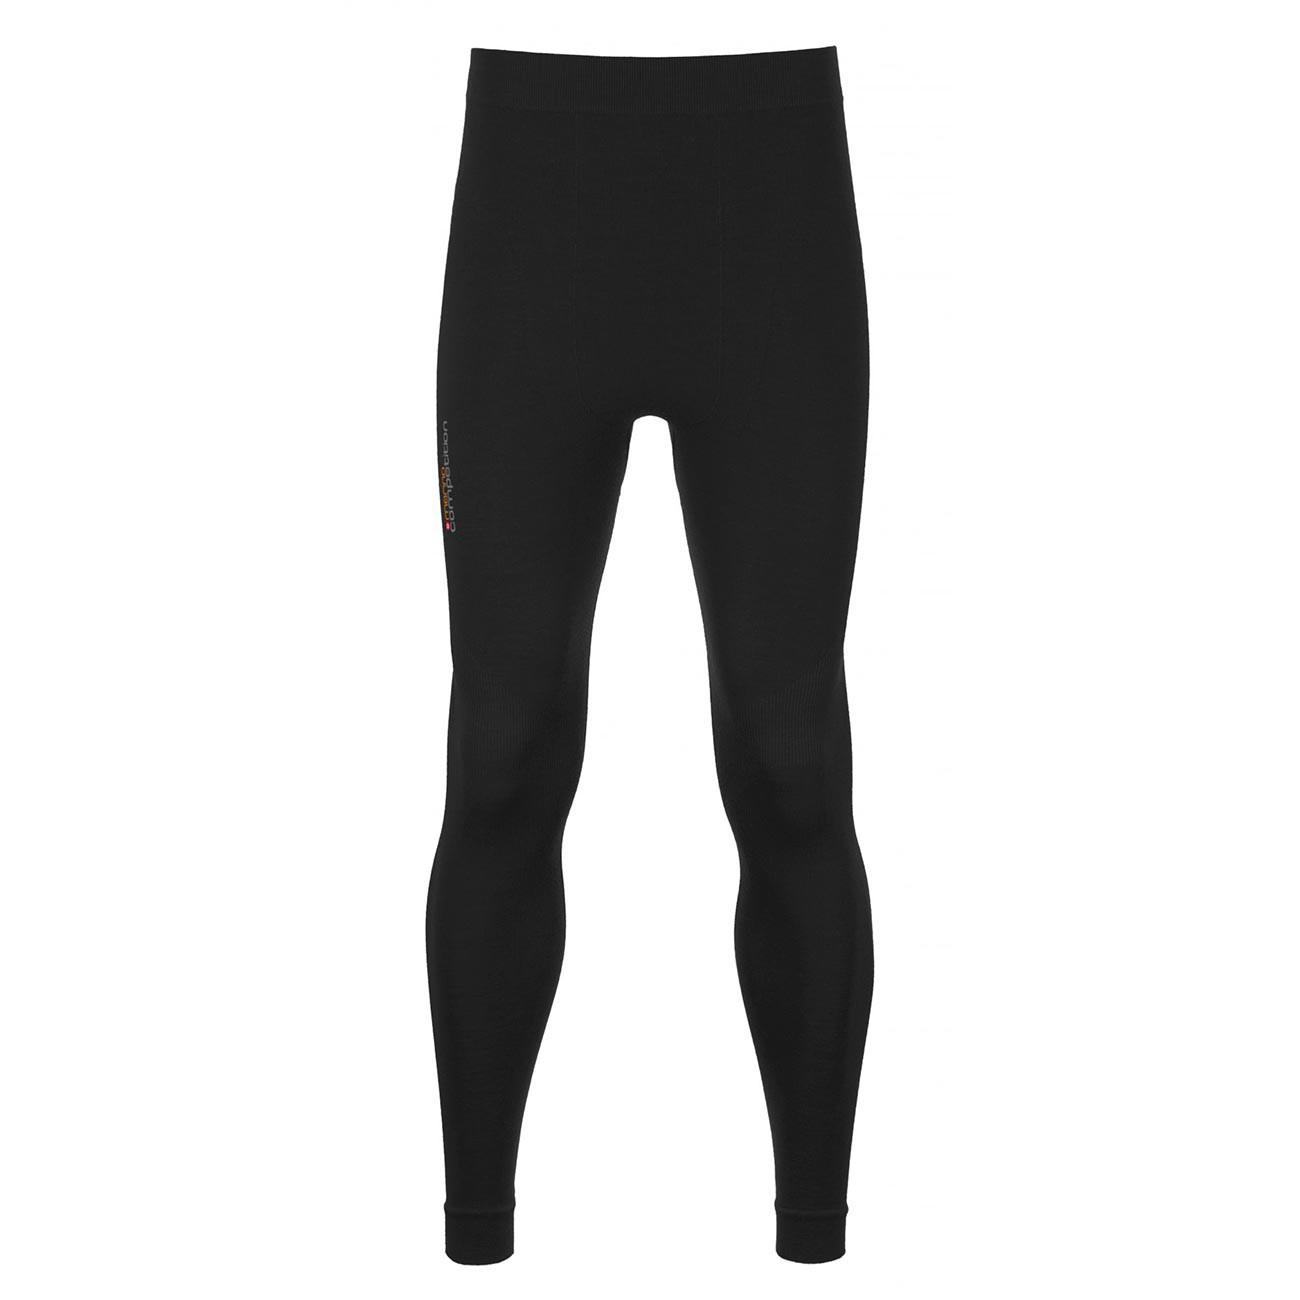 Spodky Ortovox Competition Long Pants black raven vel.M 16/17 + doručení do 24 hodin